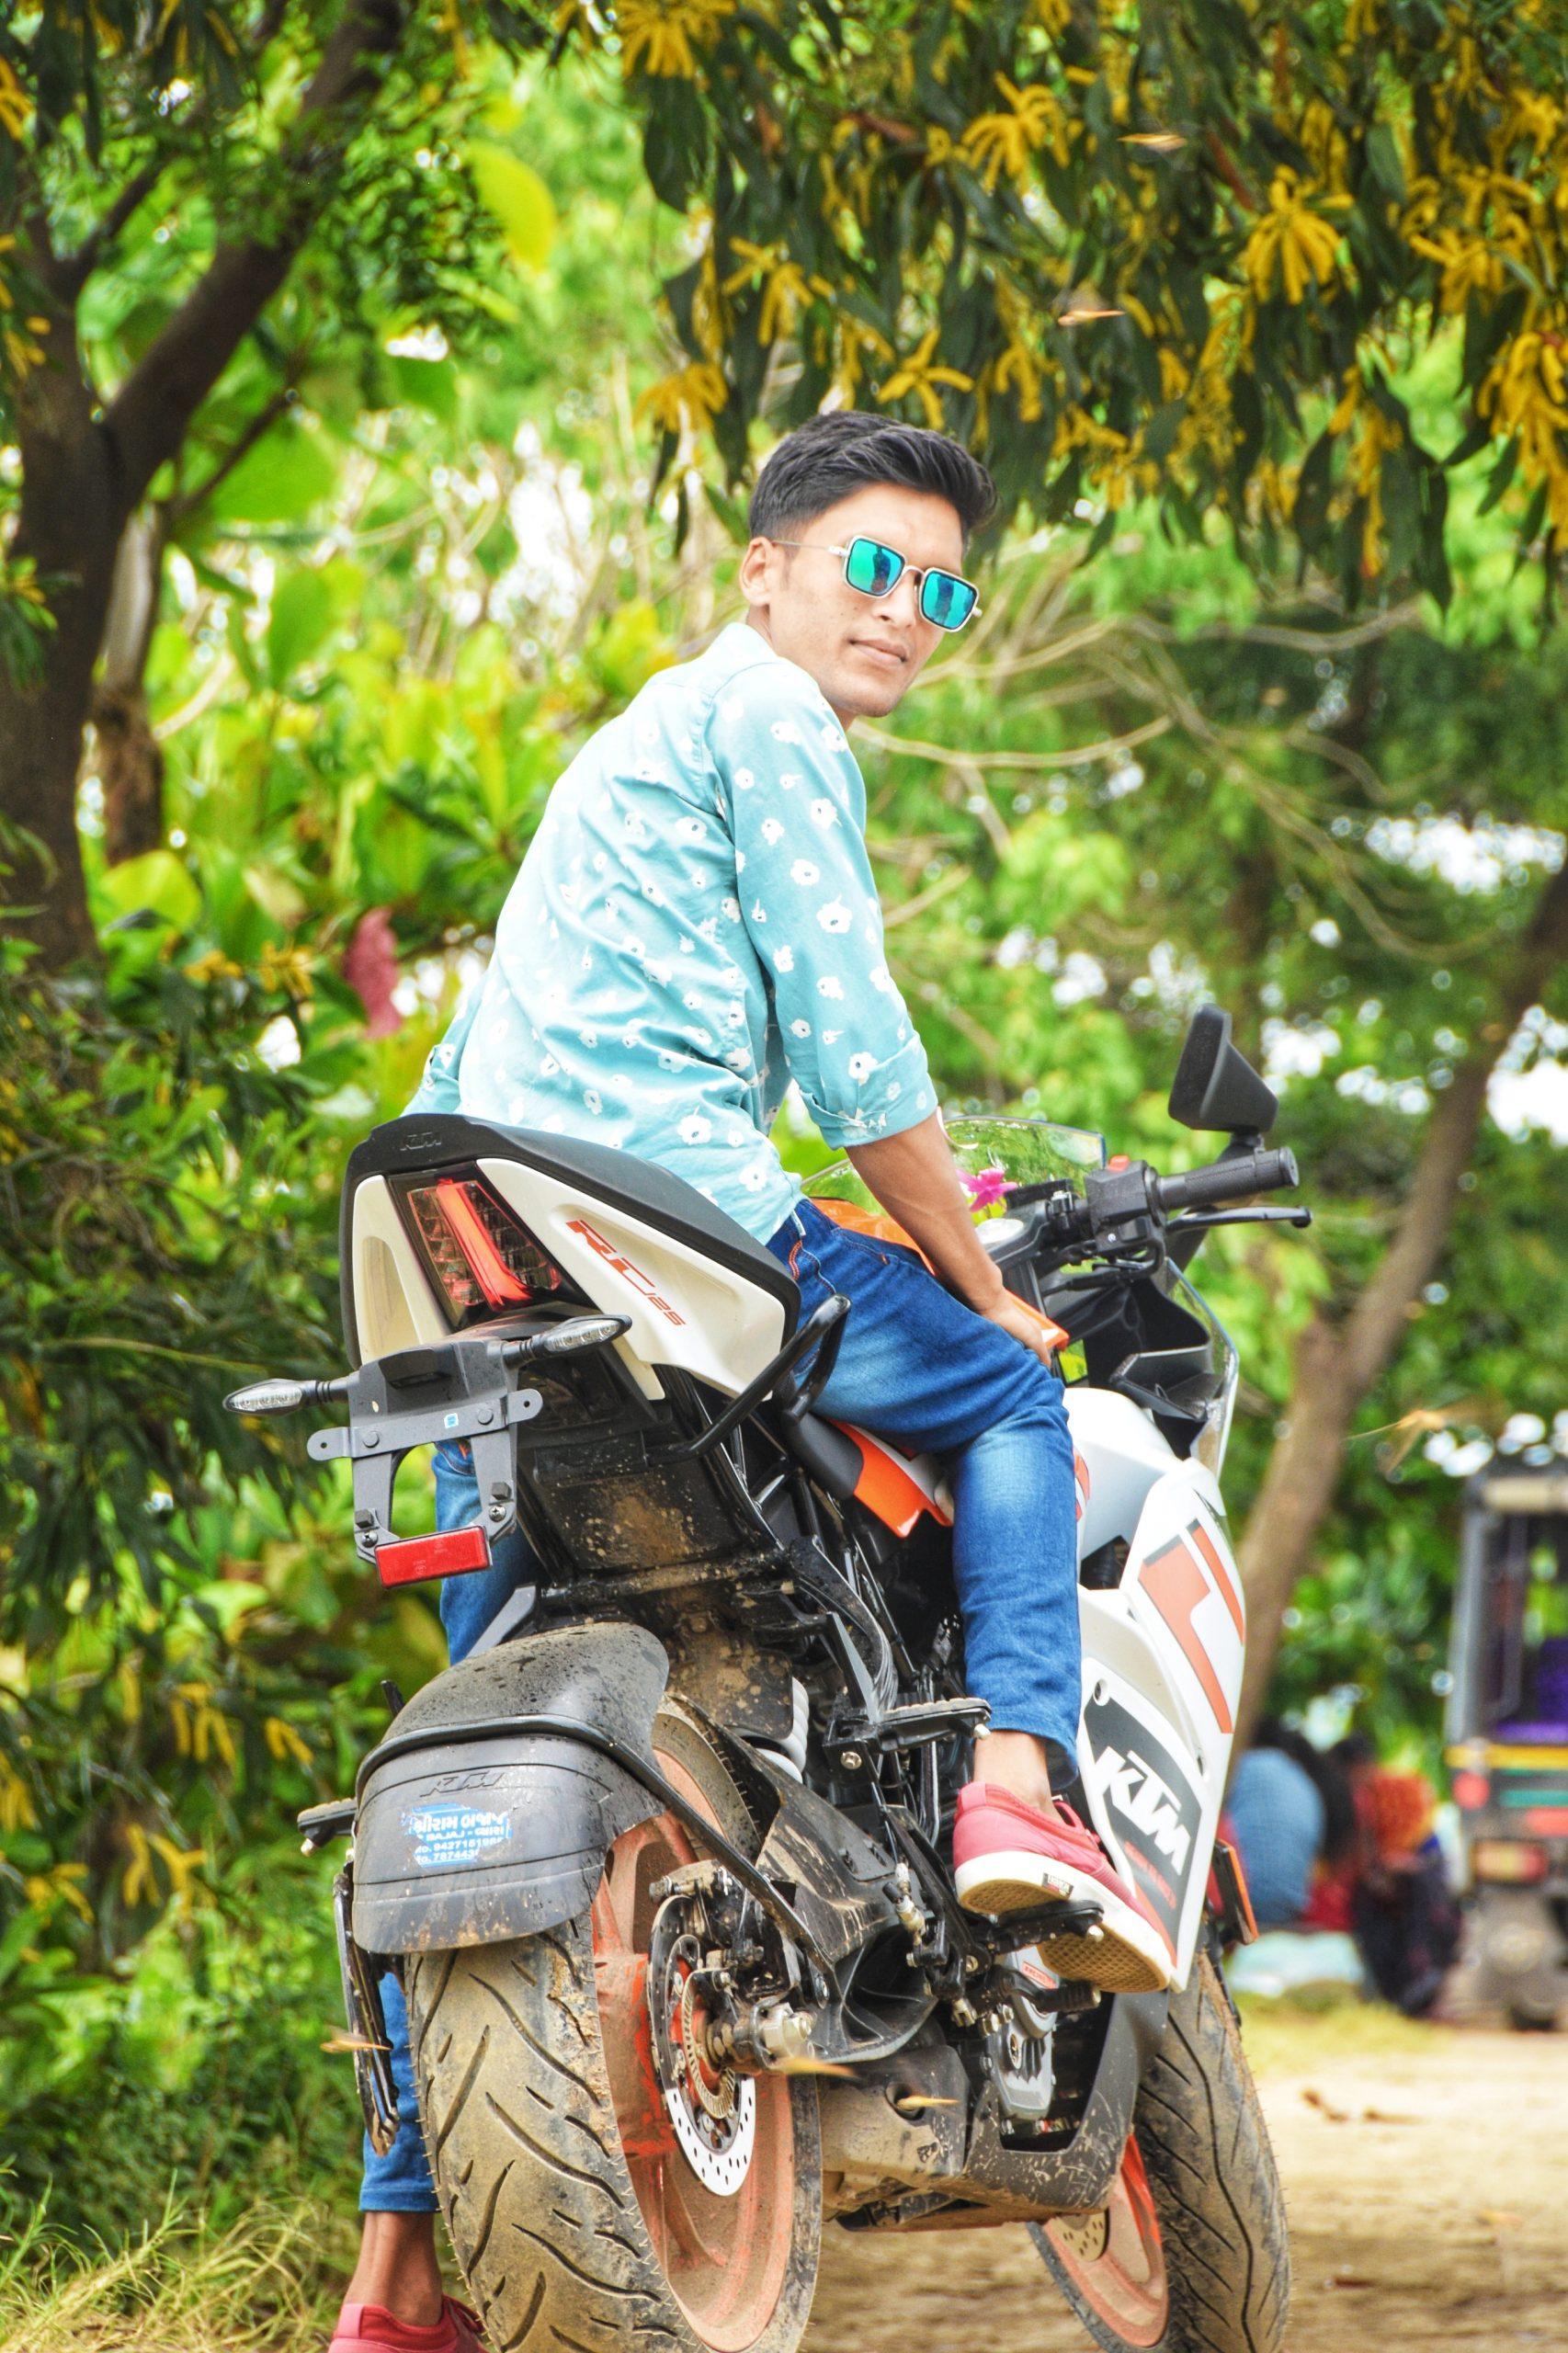 A male model on a bike